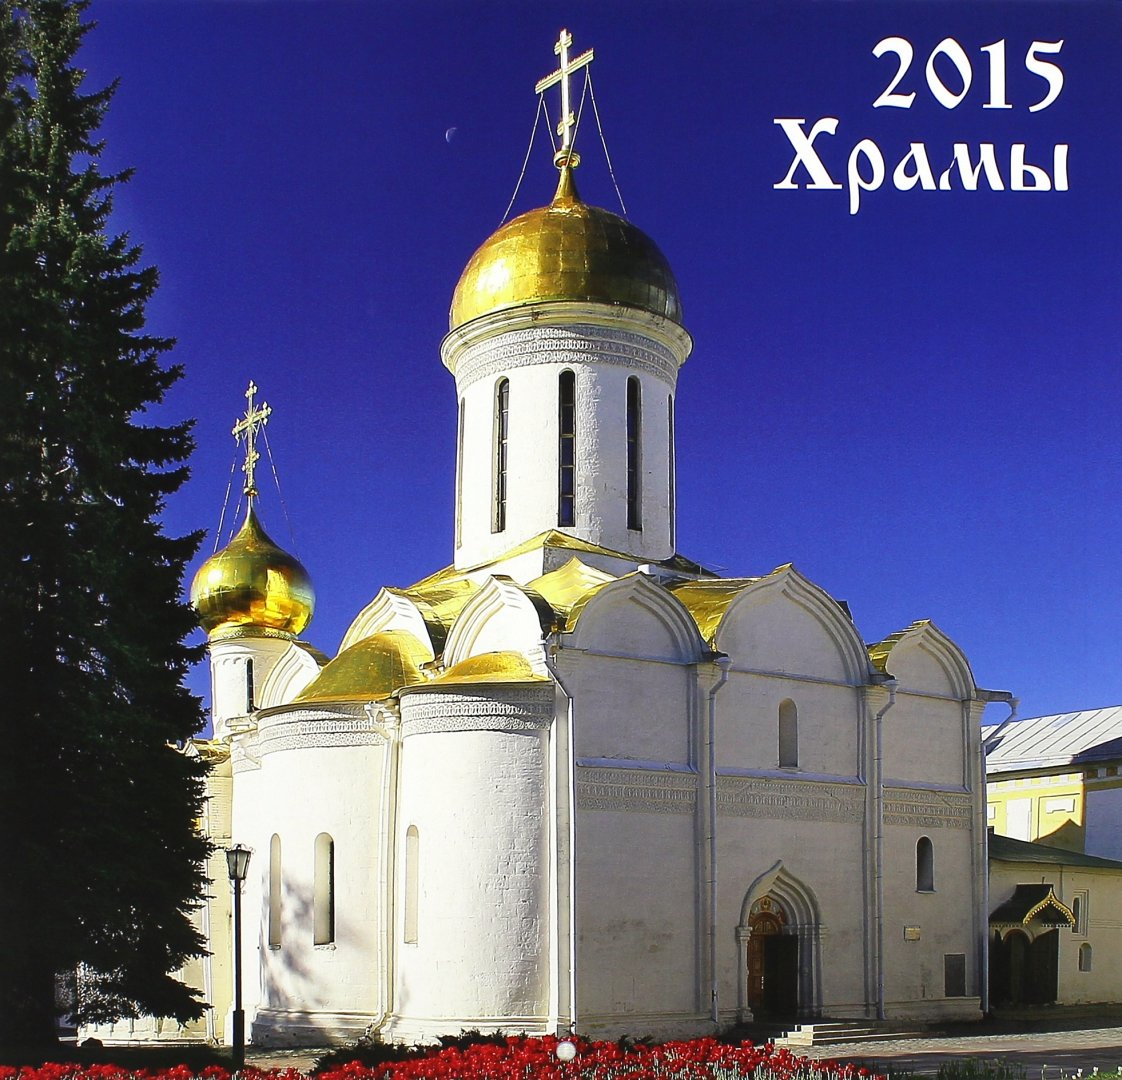 Иллюстрация 1 из 3 для Календарь 2015. Храмы (12 листов)   Лабиринт - сувениры. Источник: Лабиринт